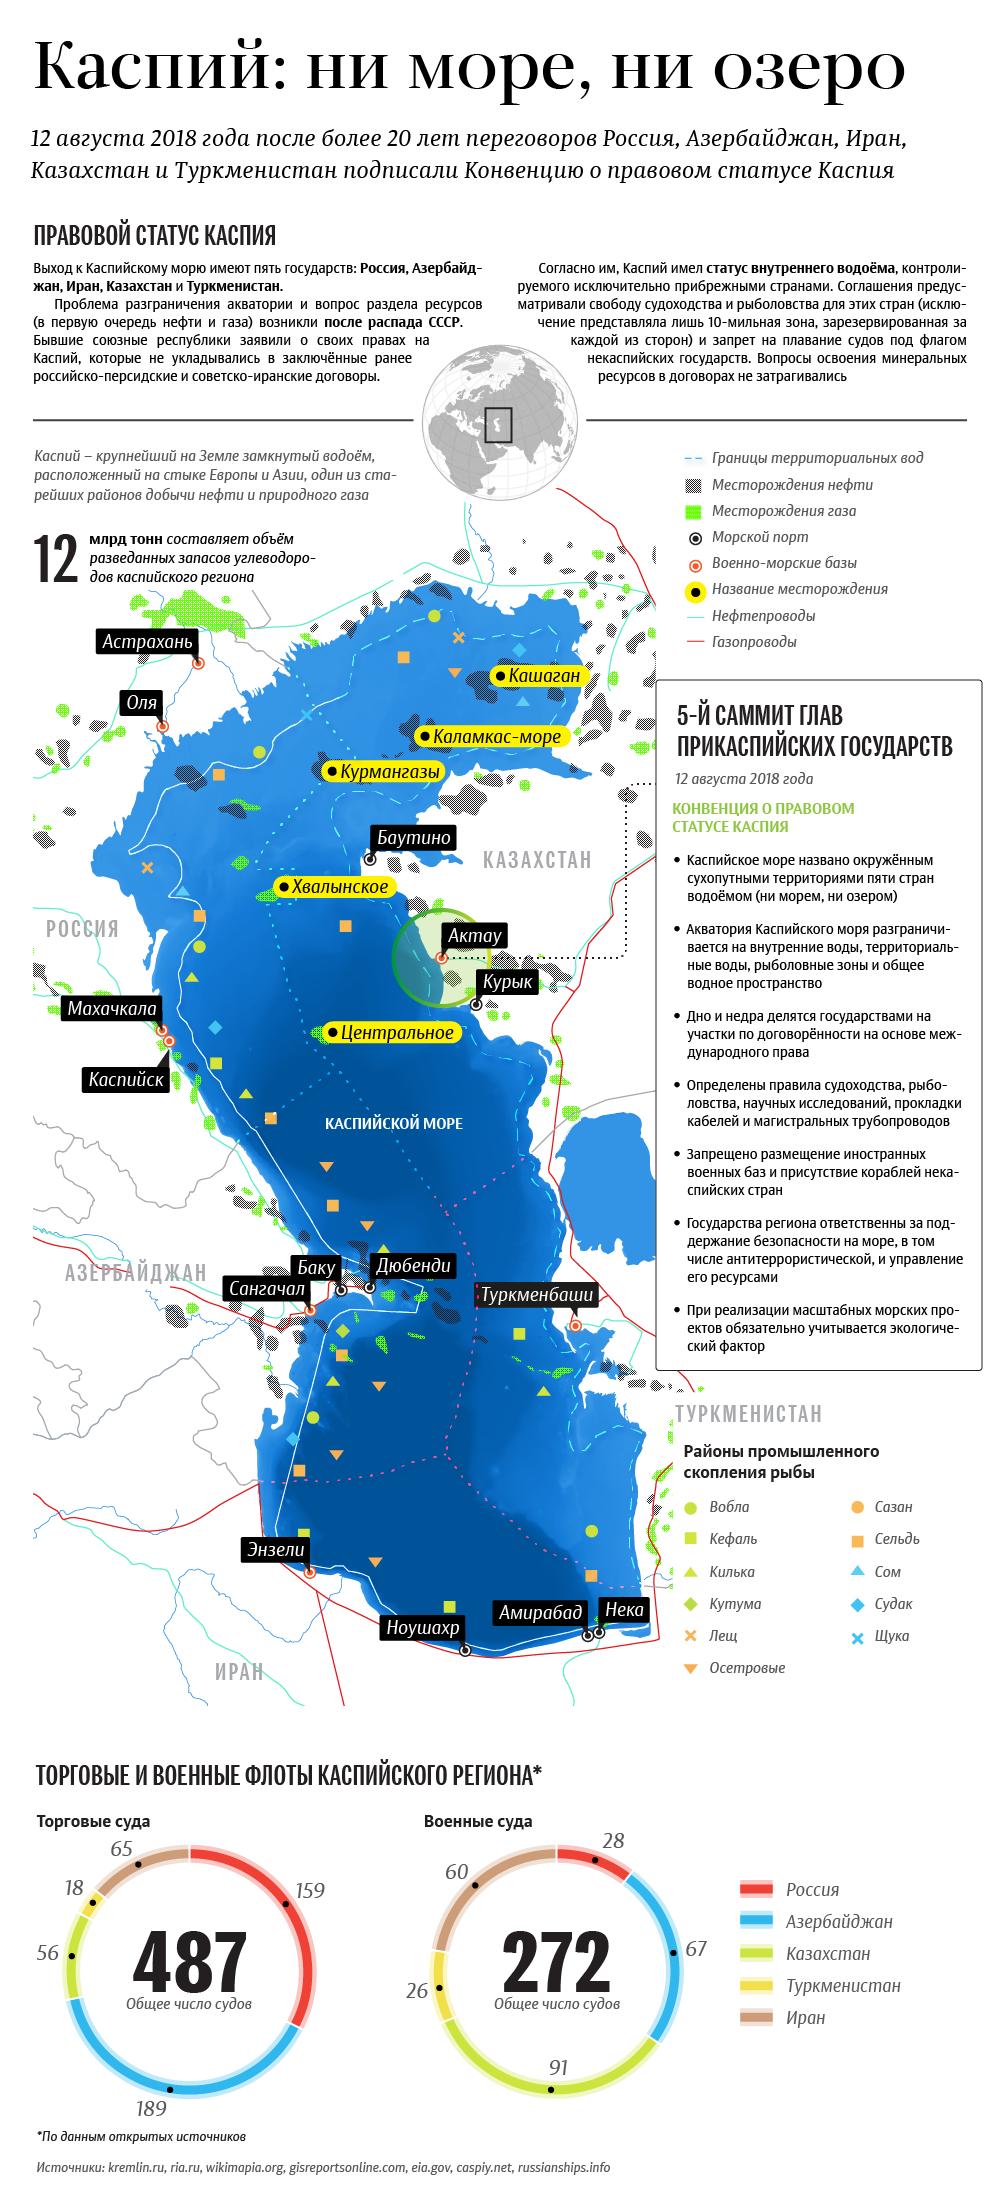 Каспийский саммит инфографика